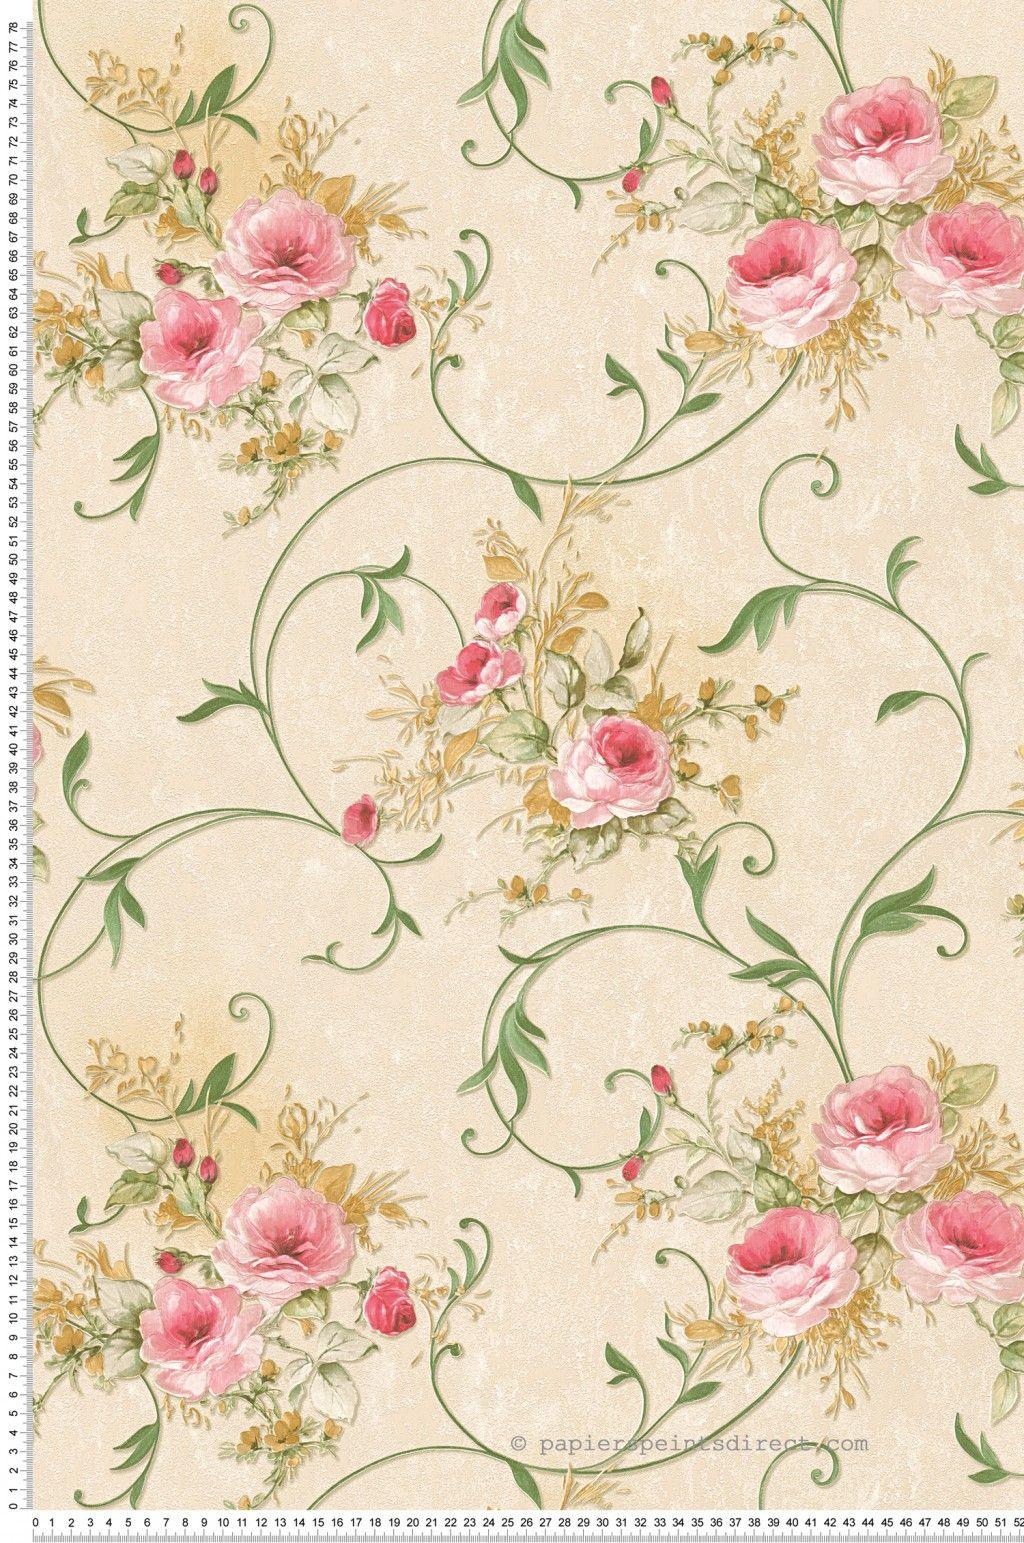 Papier Peint Fleurs Roses Effet 3d Romantica 3 As Creation Ref